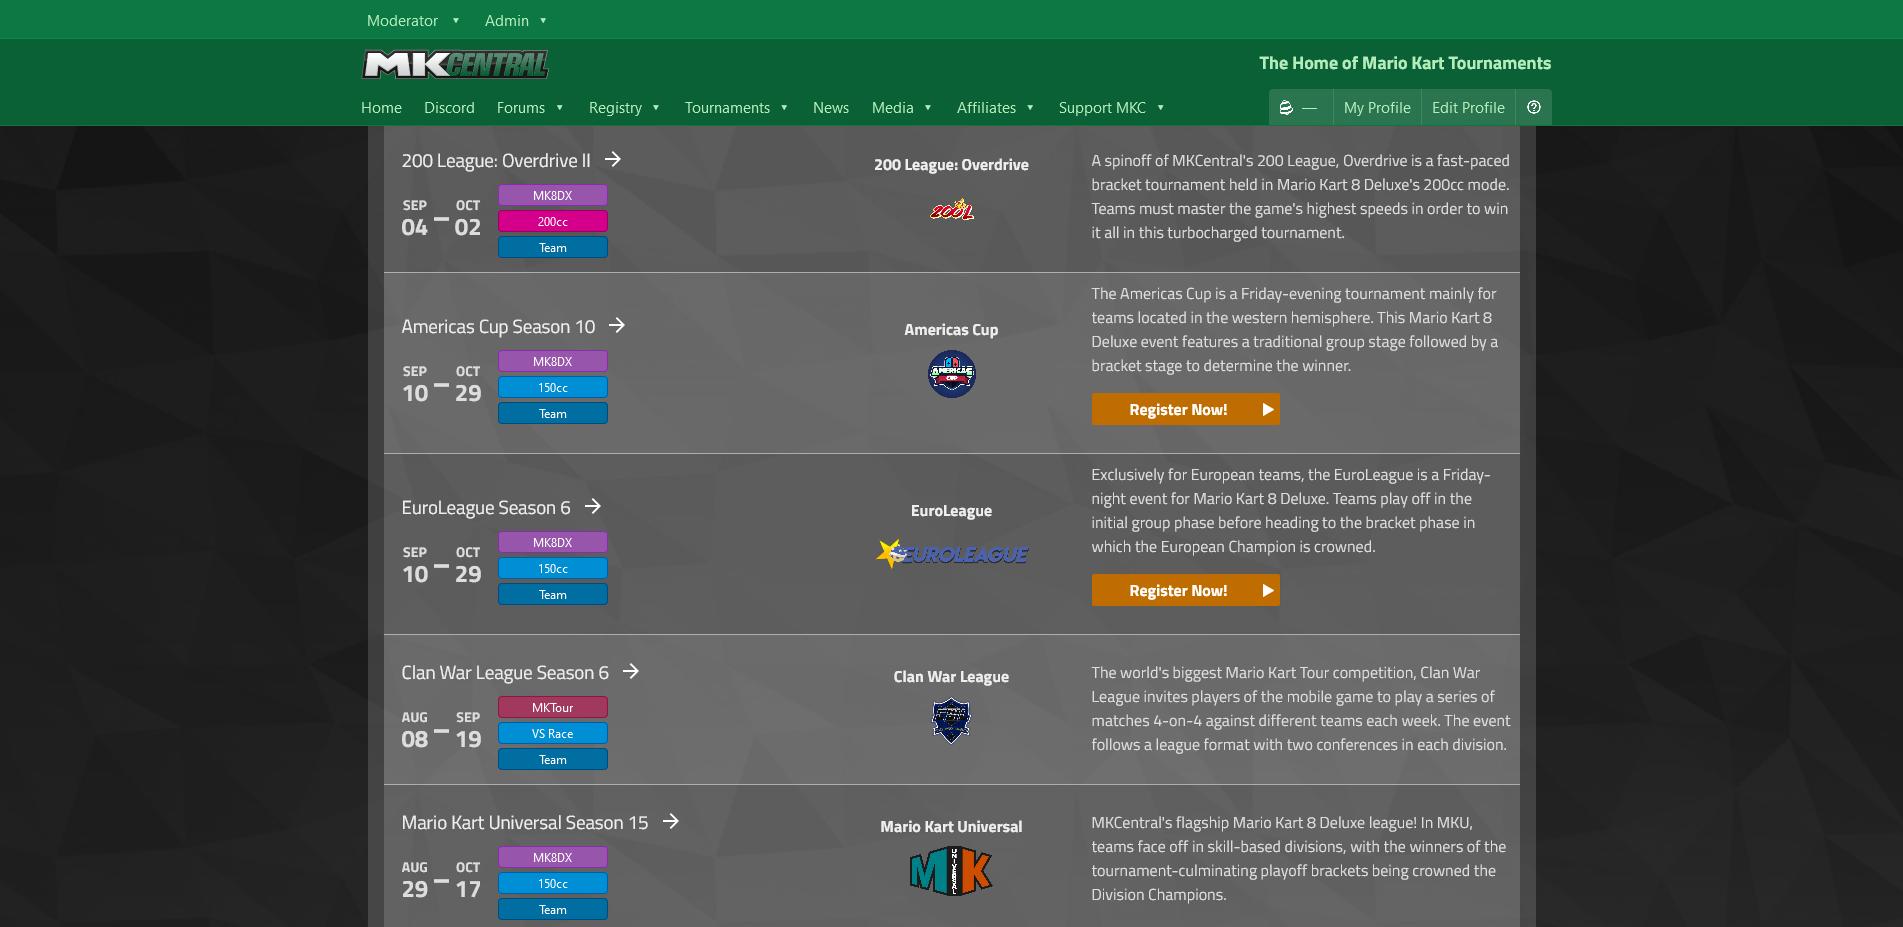 Screenshot-2021-09-02-at-18-14-24-Mario-Kart-Central-Tournaments.png